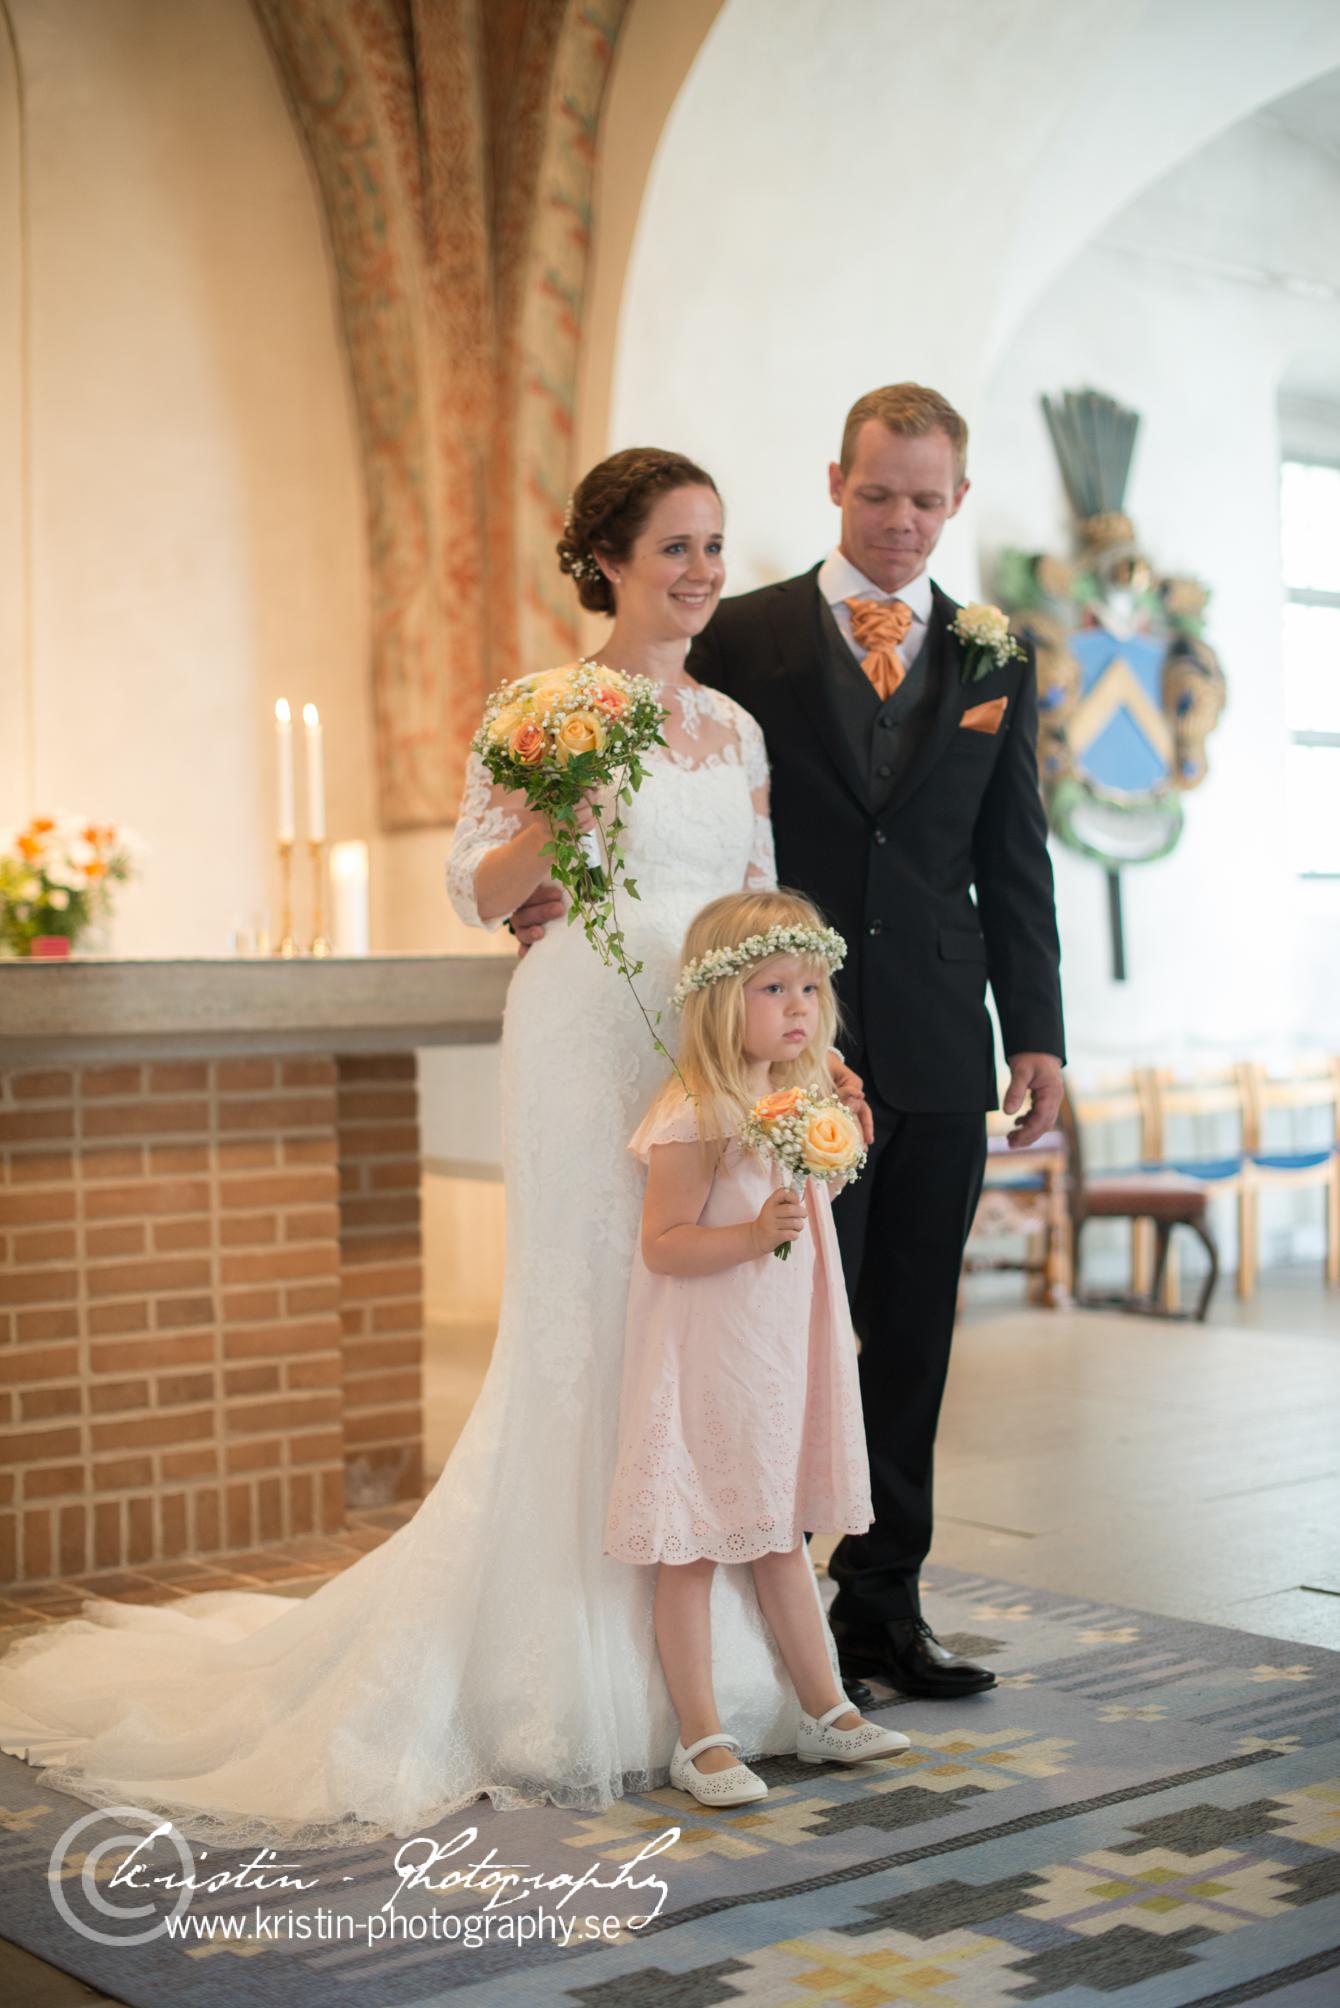 Bröllopsfotograf i Eskilstuna, Kristin - Photography, weddingphotographer -134.jpg